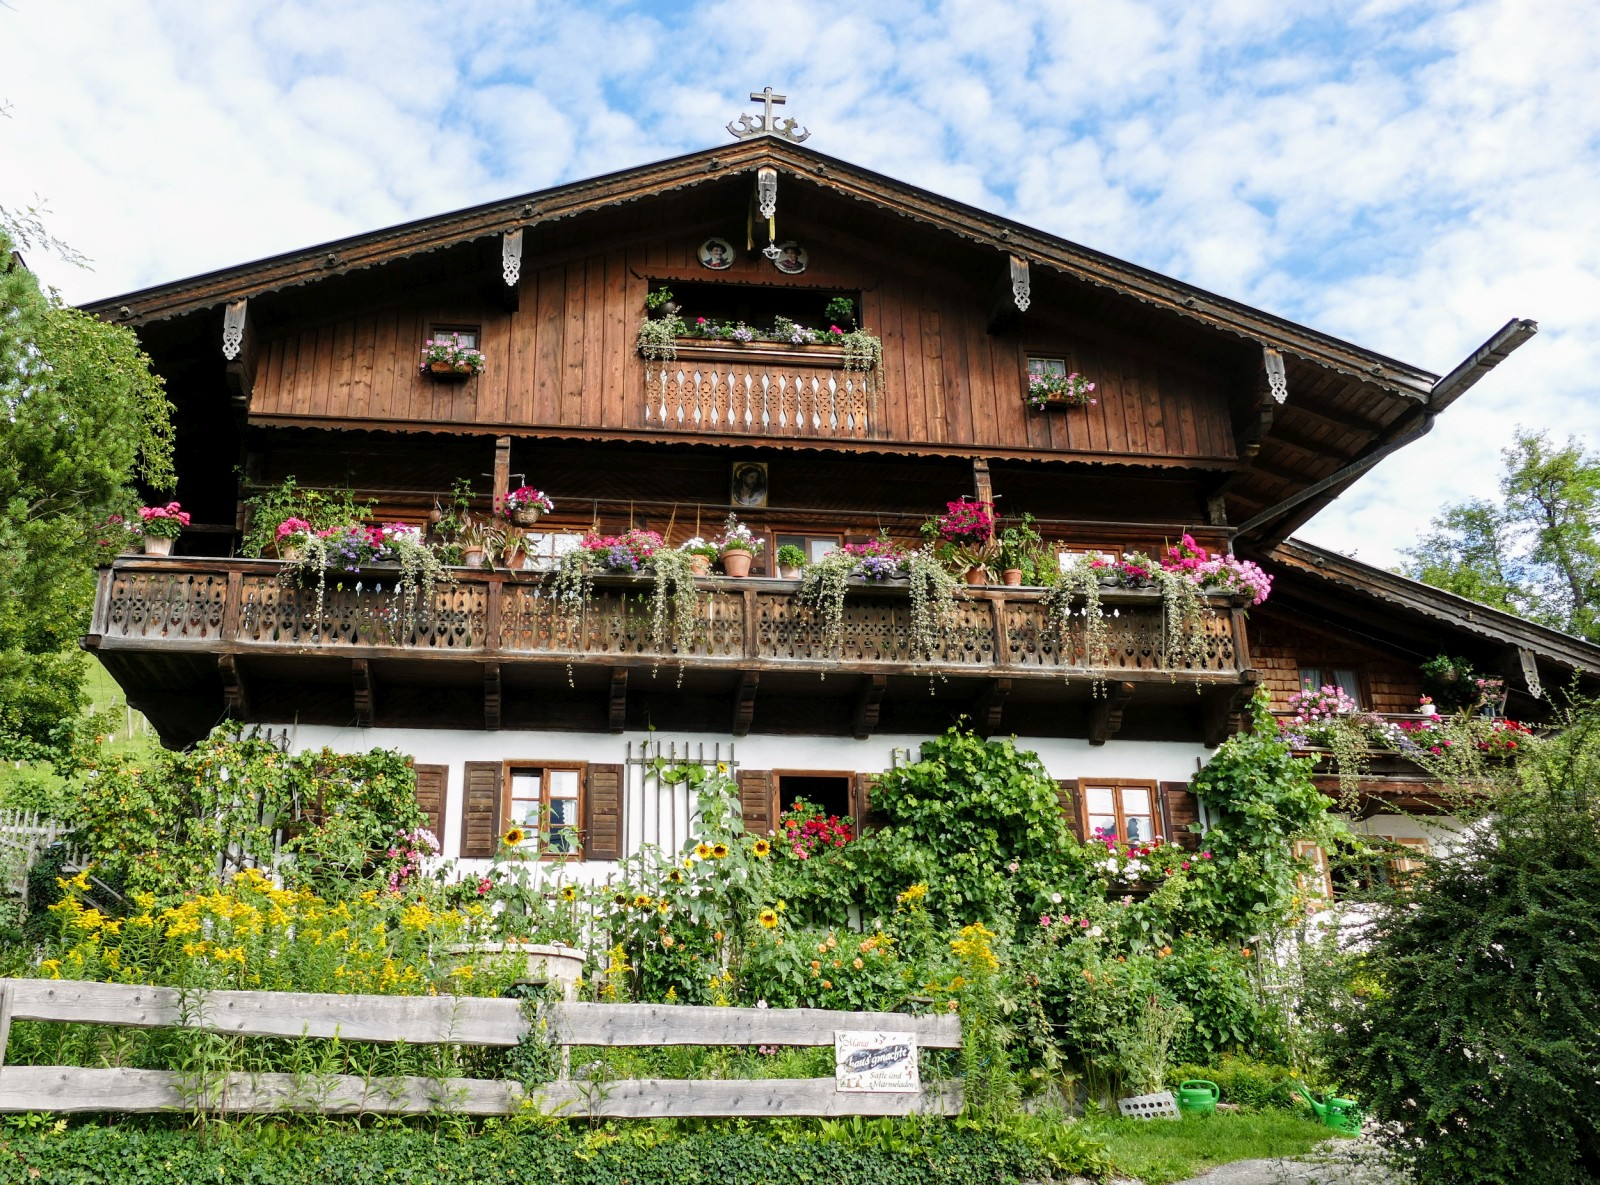 Altes blumengeschmücktes Anwesen aus dem 17./18. Jahrhundert an der Sonnleiten in Wallgau